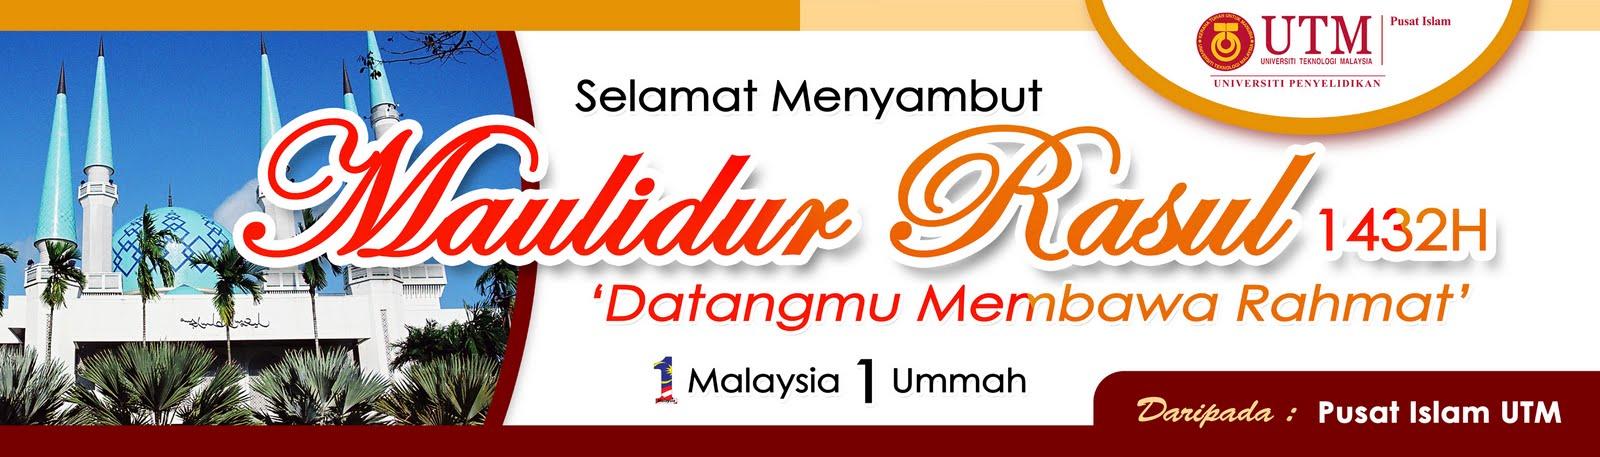 Banner Sambutan Maulidur Rasul Pusat Islam UTM